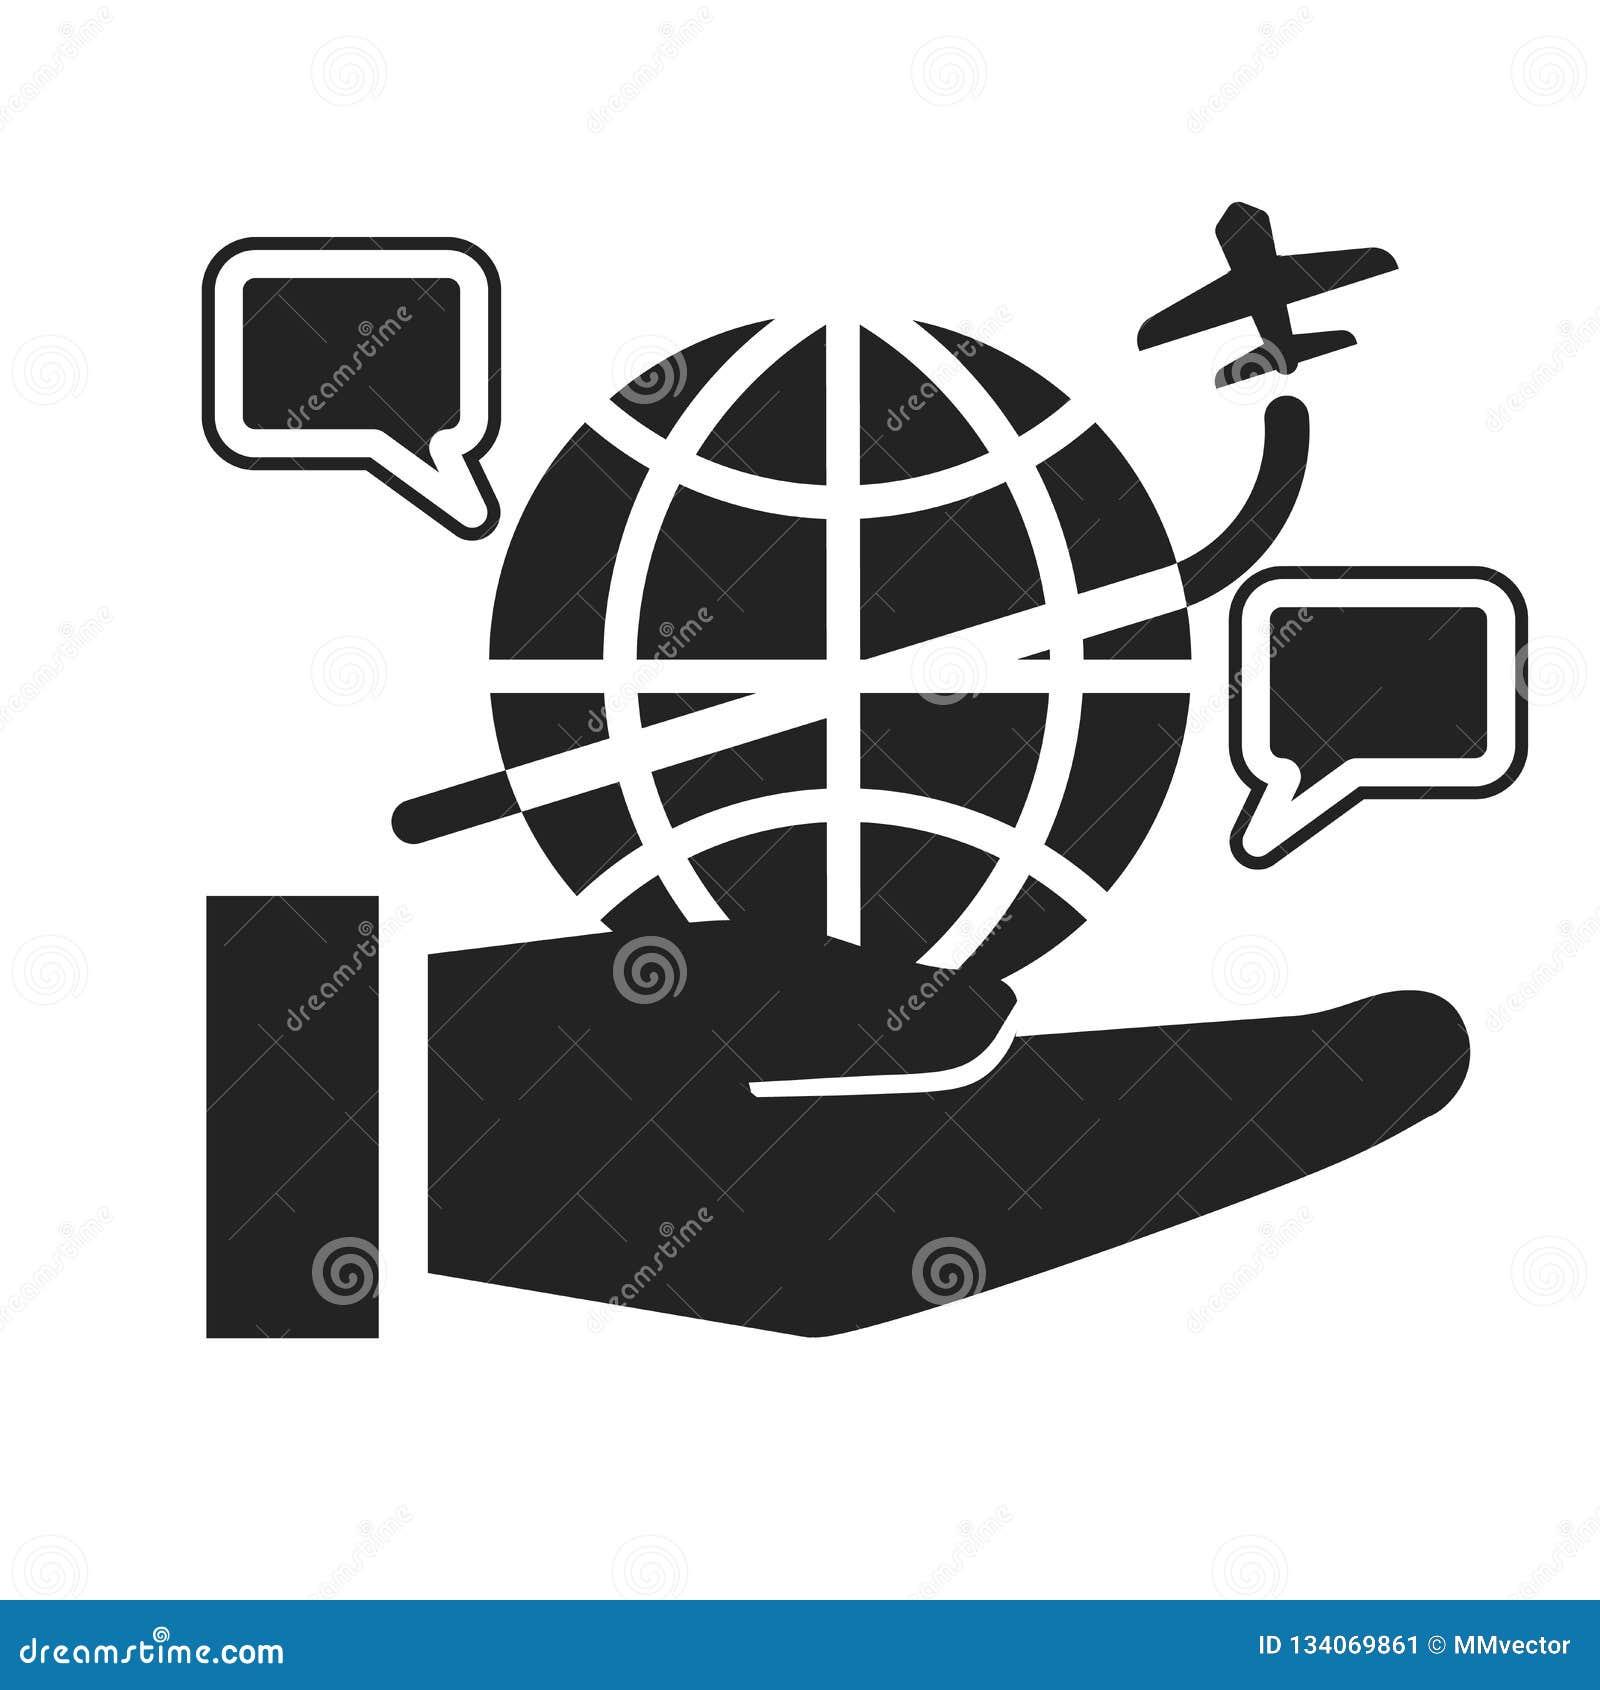 Muestra y símbolo del vector del icono de Internet aislados en el fondo blanco, concepto del logotipo de Internet